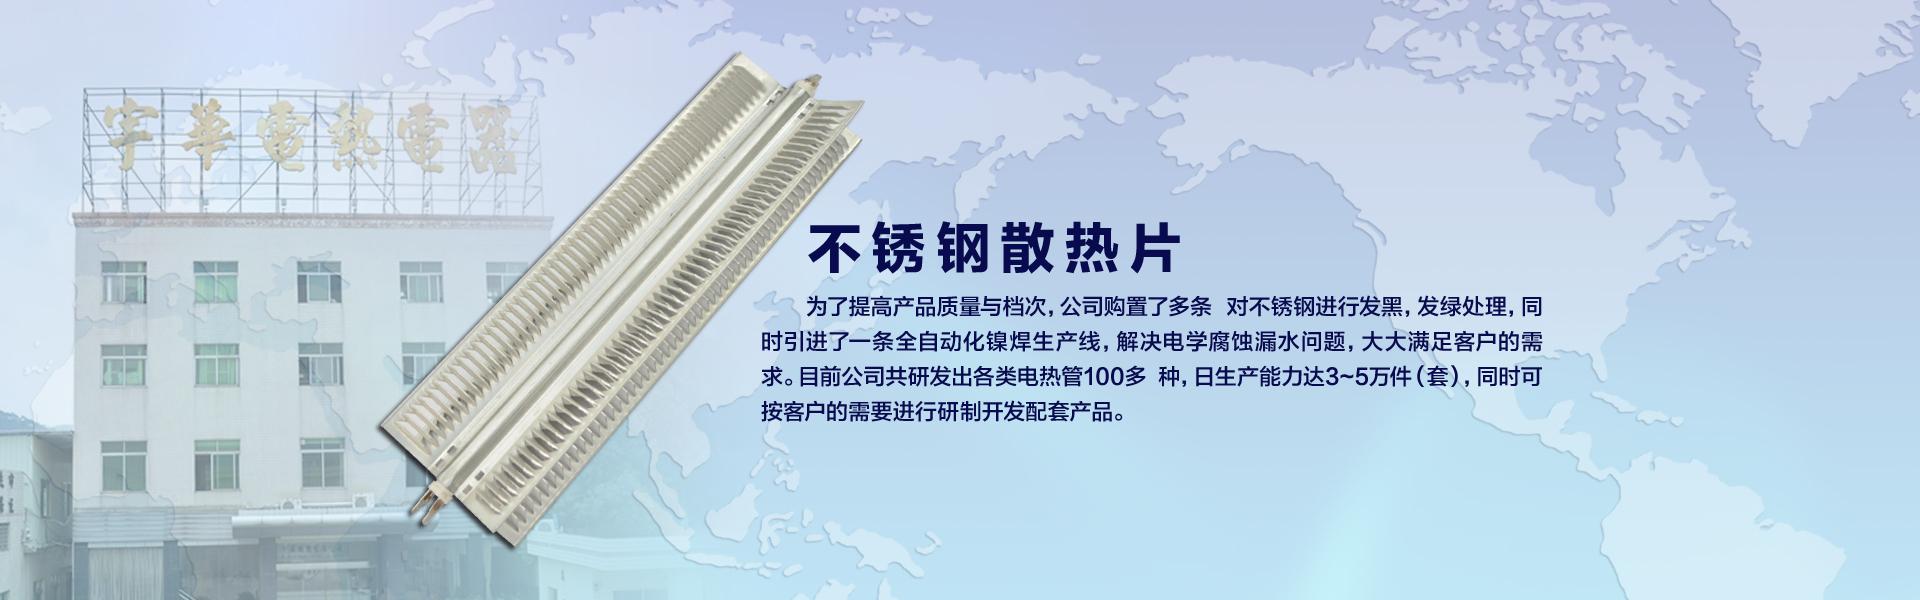 肇庆市宇华电器有限公司专业生产即热电热水器,家用电热水器,单头电热管,不锈钢电热管和不锈钢电加热管。